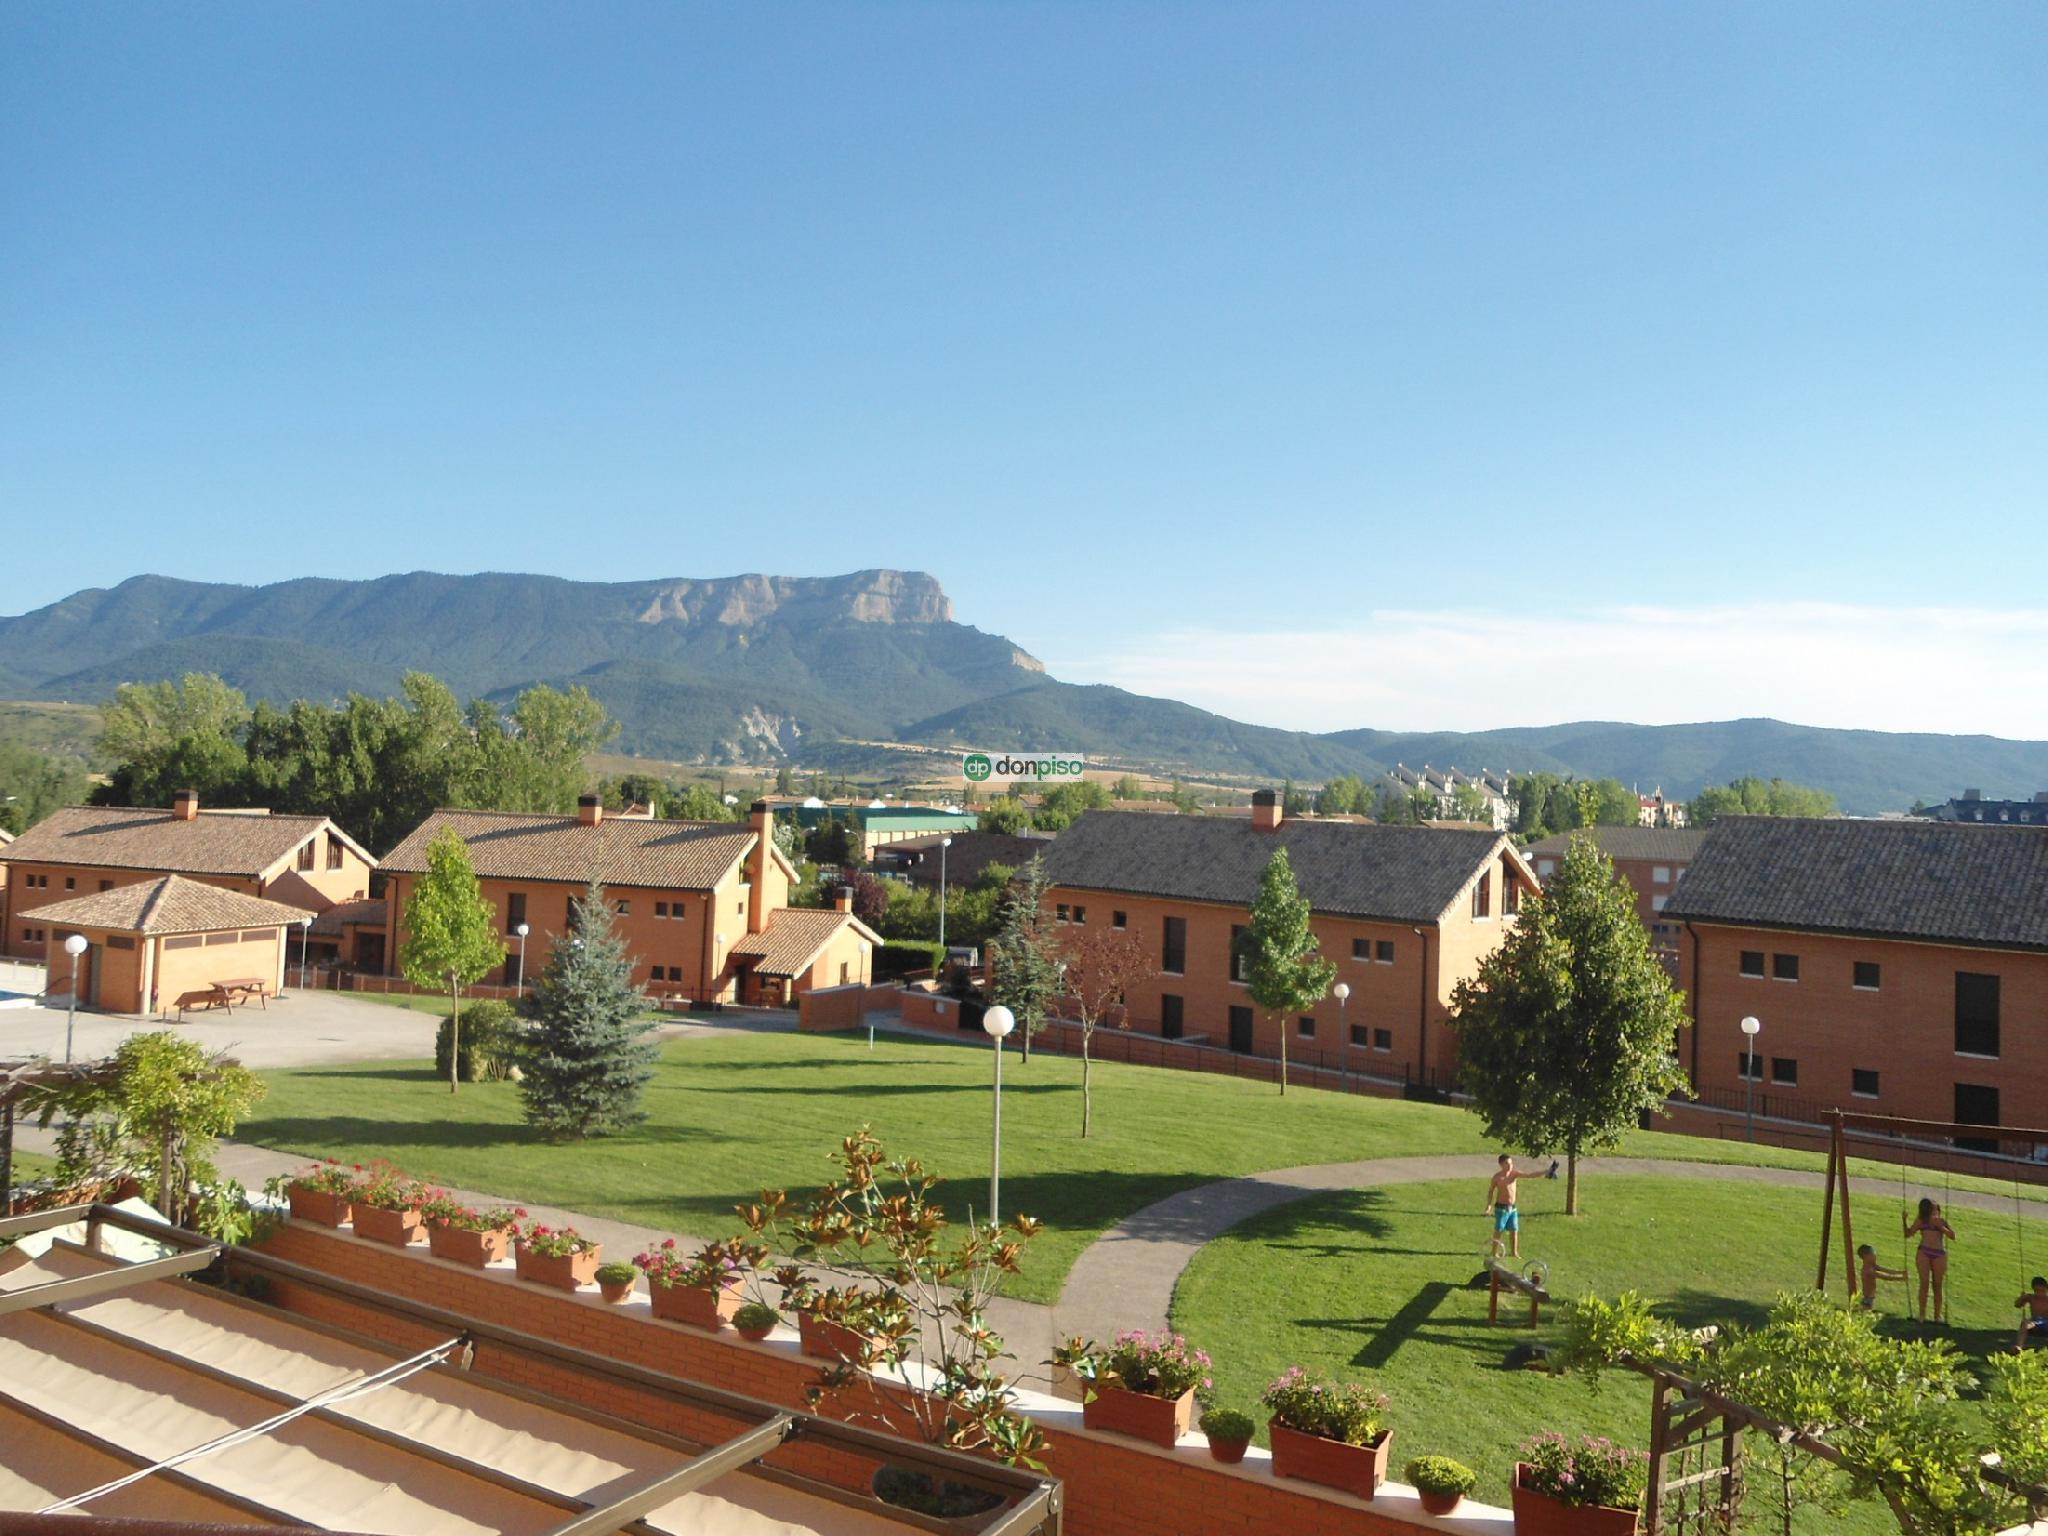 124513 - Zona de la Tejeria, junto al Hospital Comarcal de Jaca